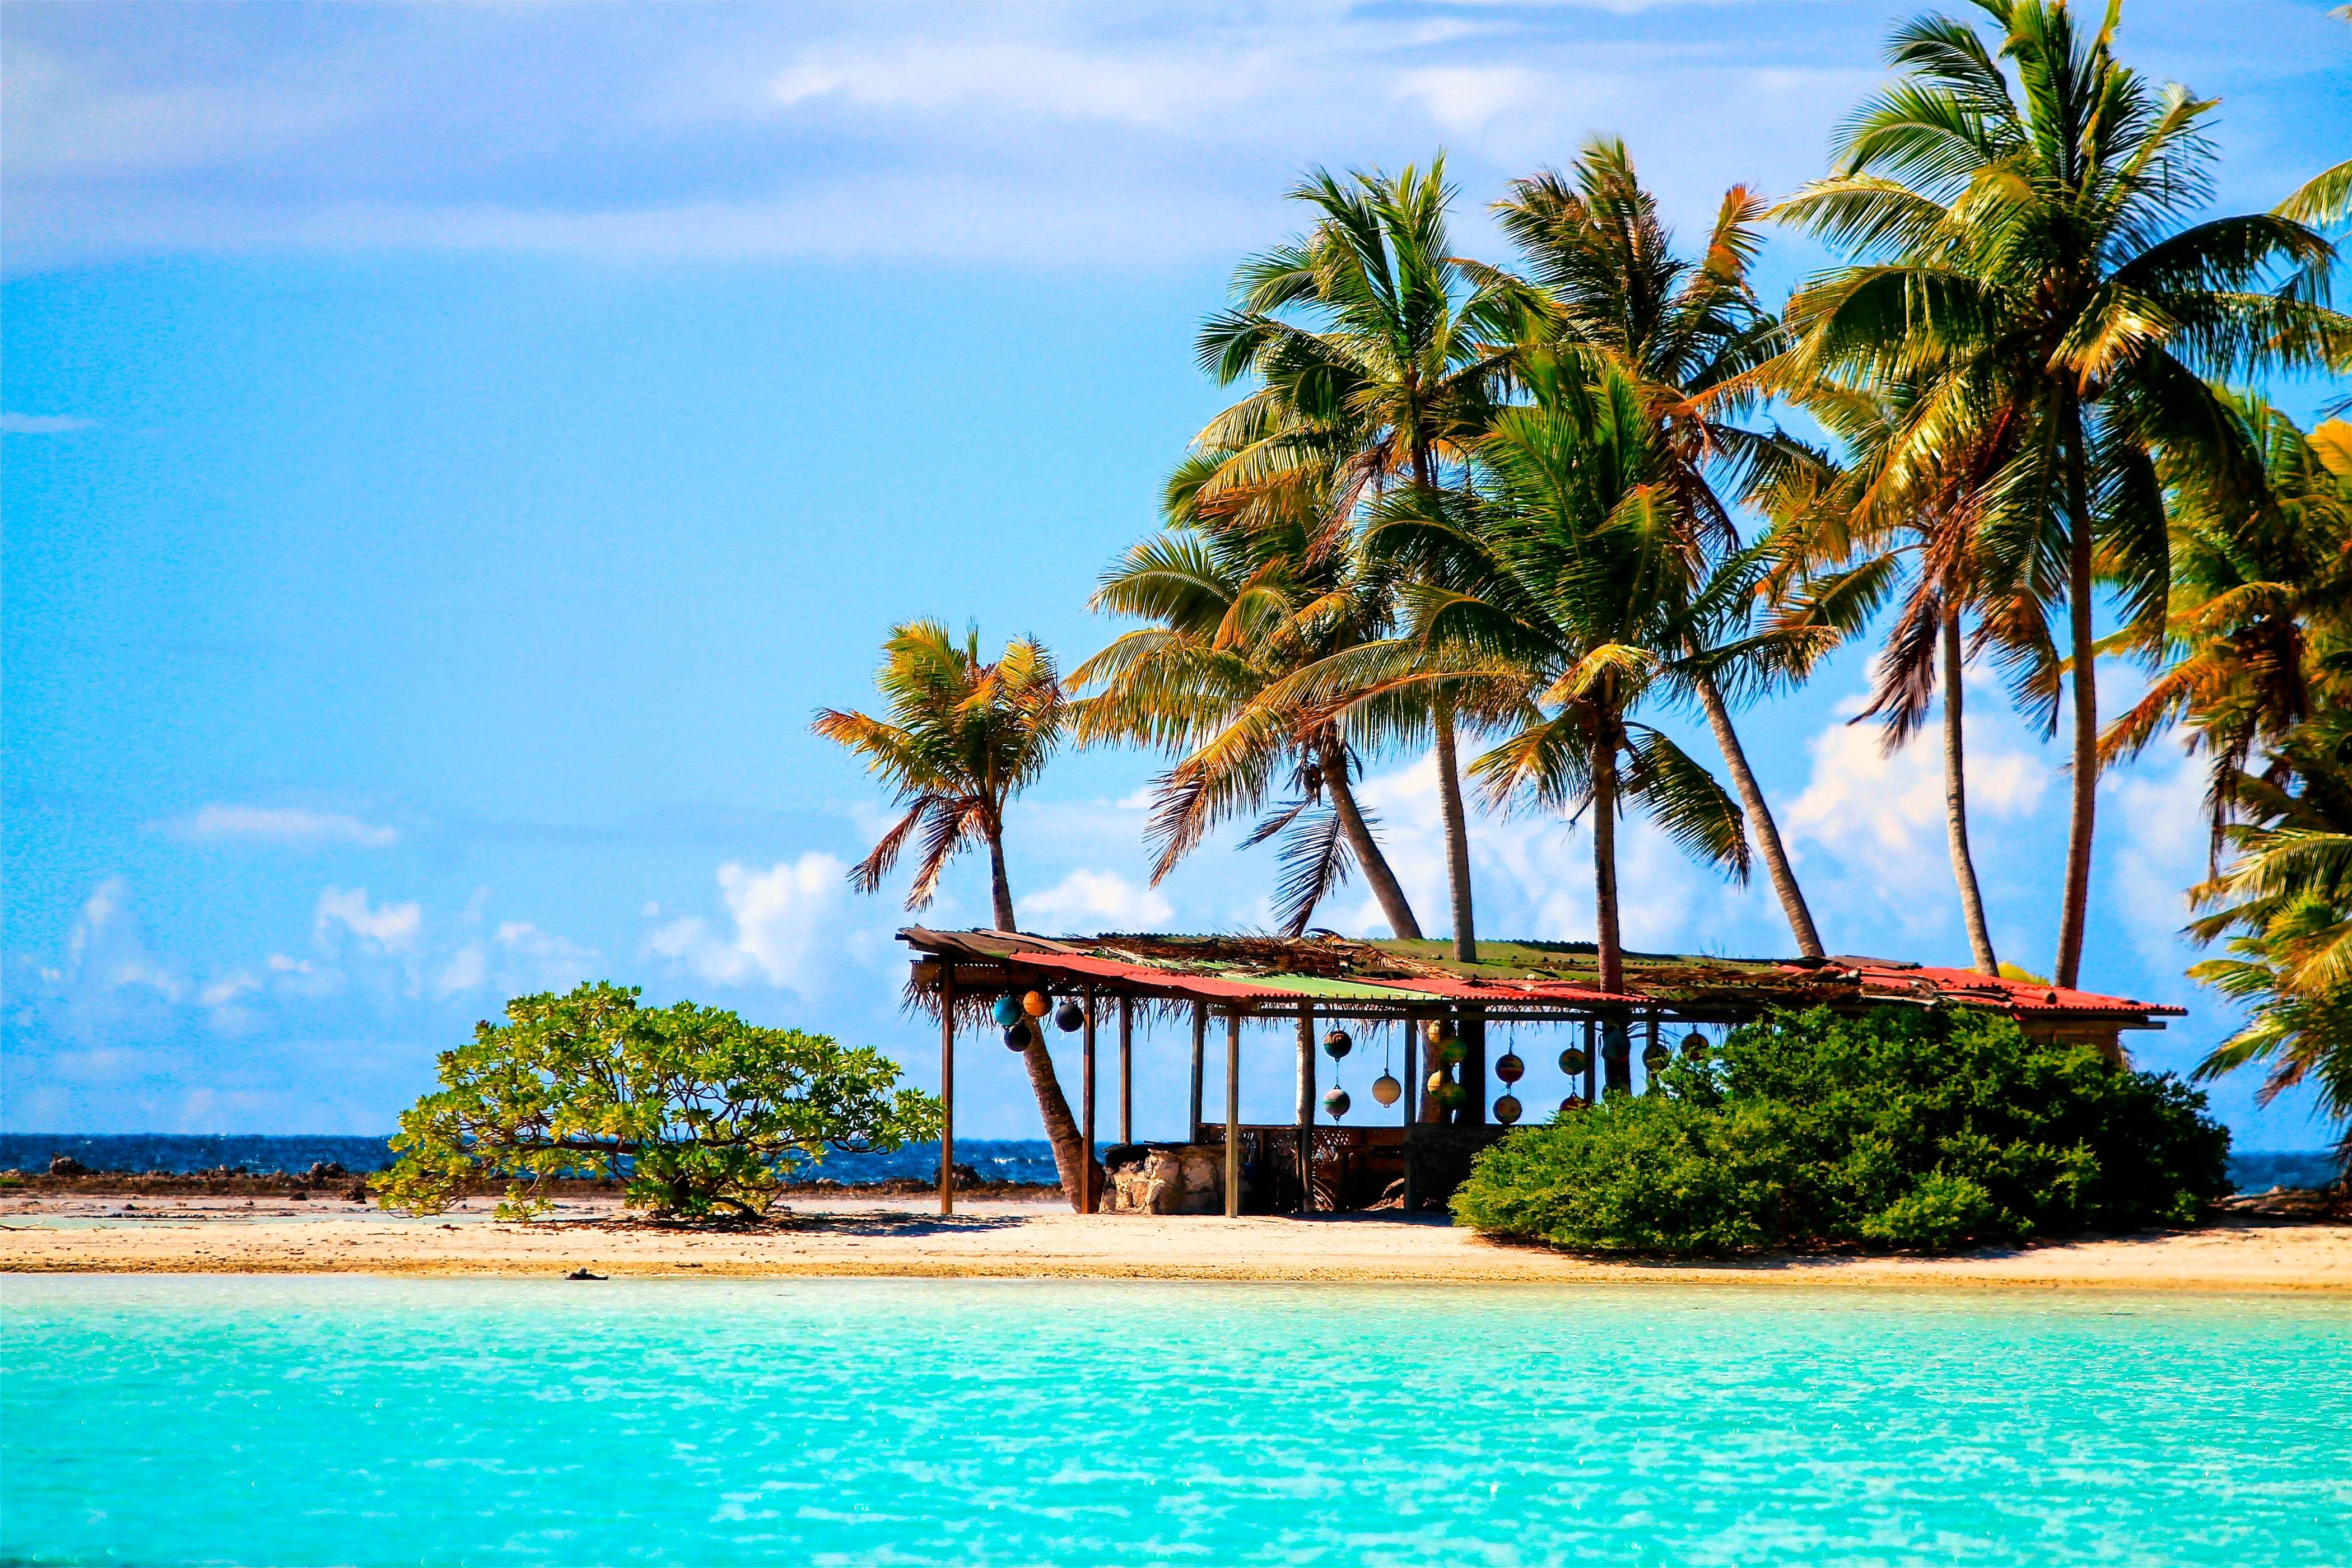 Moorea das insel juwel bei tahiti - Rangiroa urlaub ...